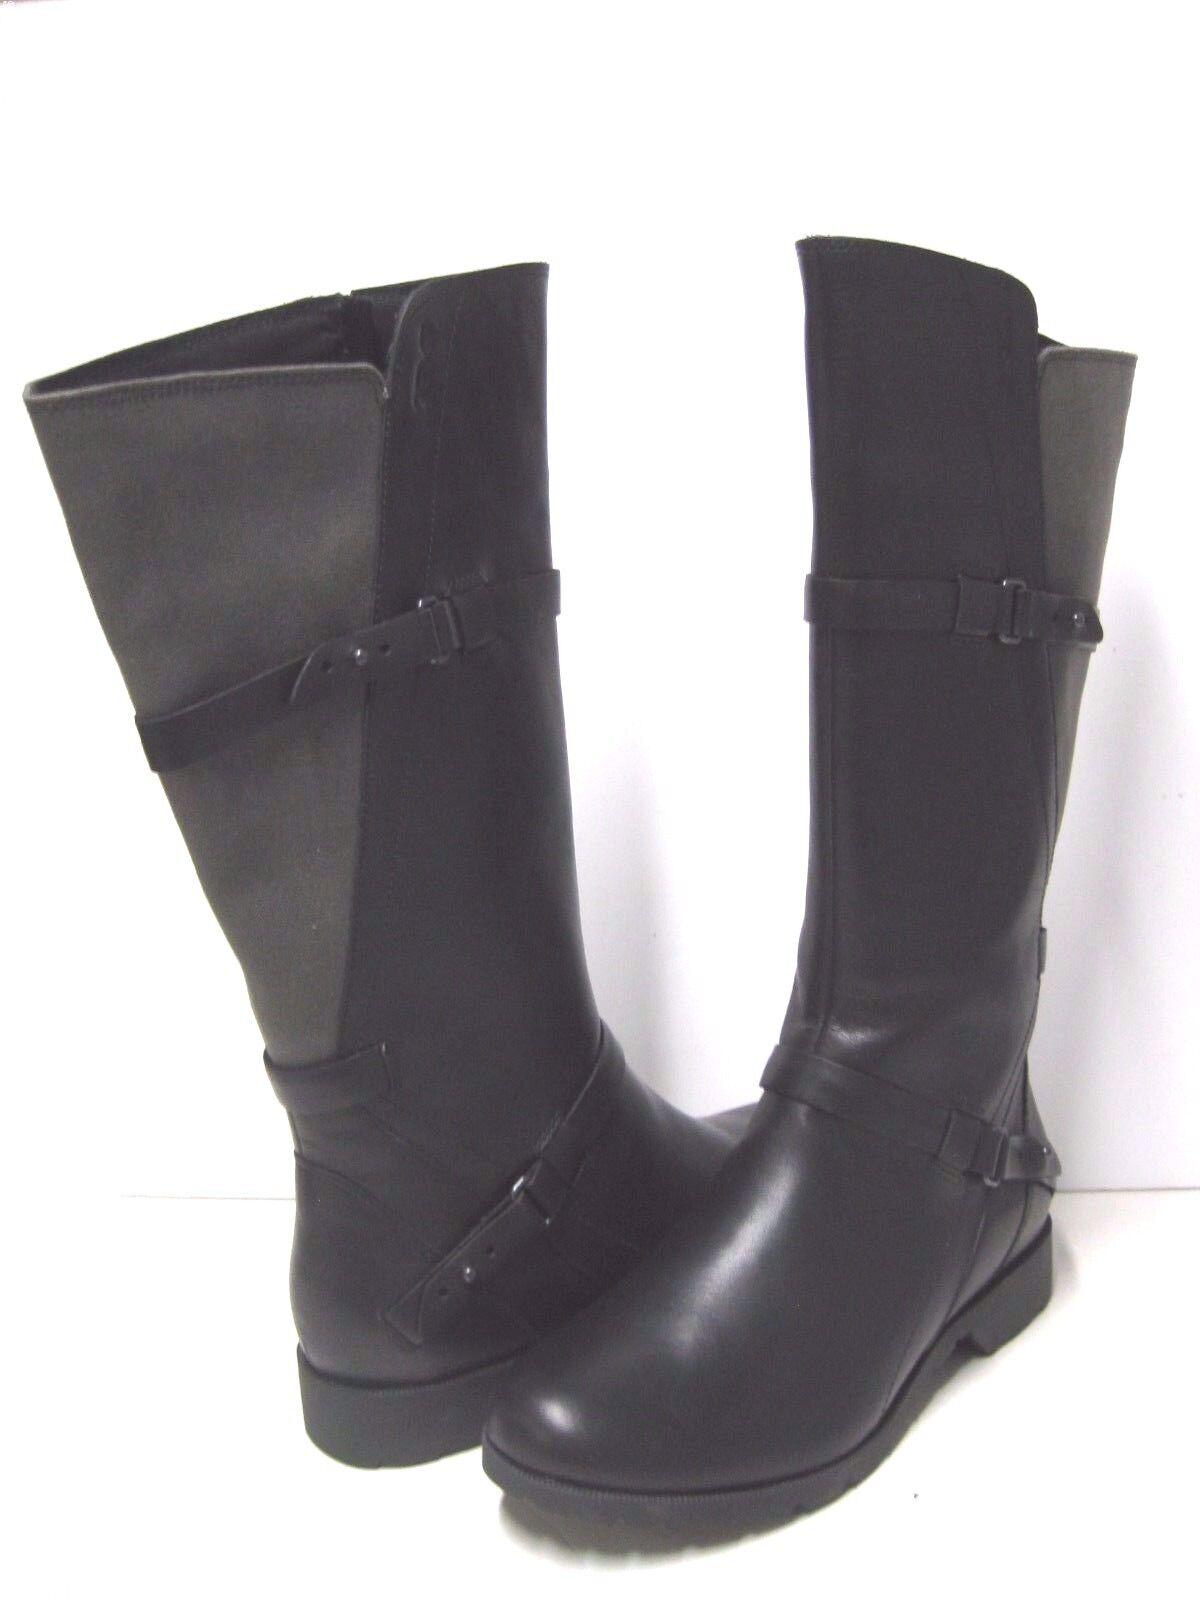 Teva De La Vina Mujer botas Altas Cuero 7 Lona Negra EE. UU. 7 Cuero UK 5 EU 38 Japón 24 16f345